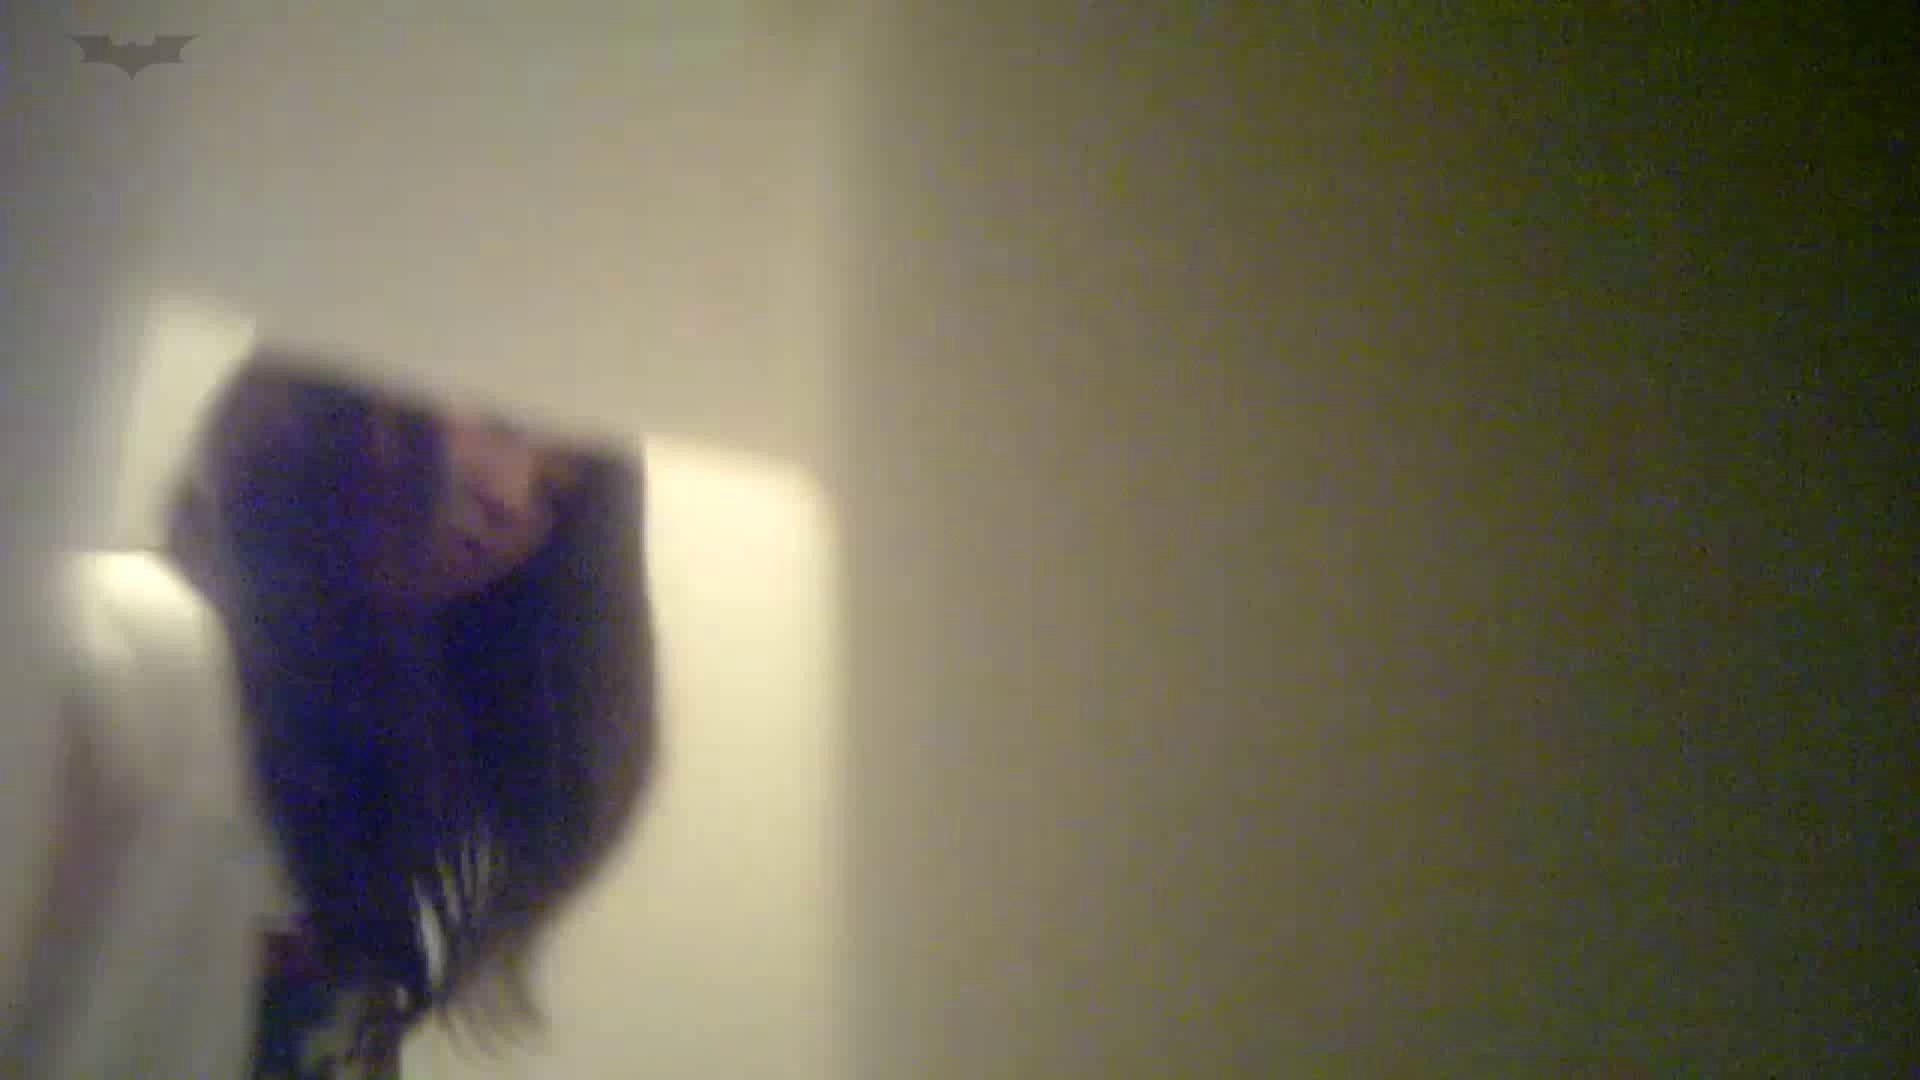 有名大学女性洗面所 vol.45 冴え渡る多方向撮影!職人技です。 お姉さんのSEX スケベ動画紹介 101枚 31